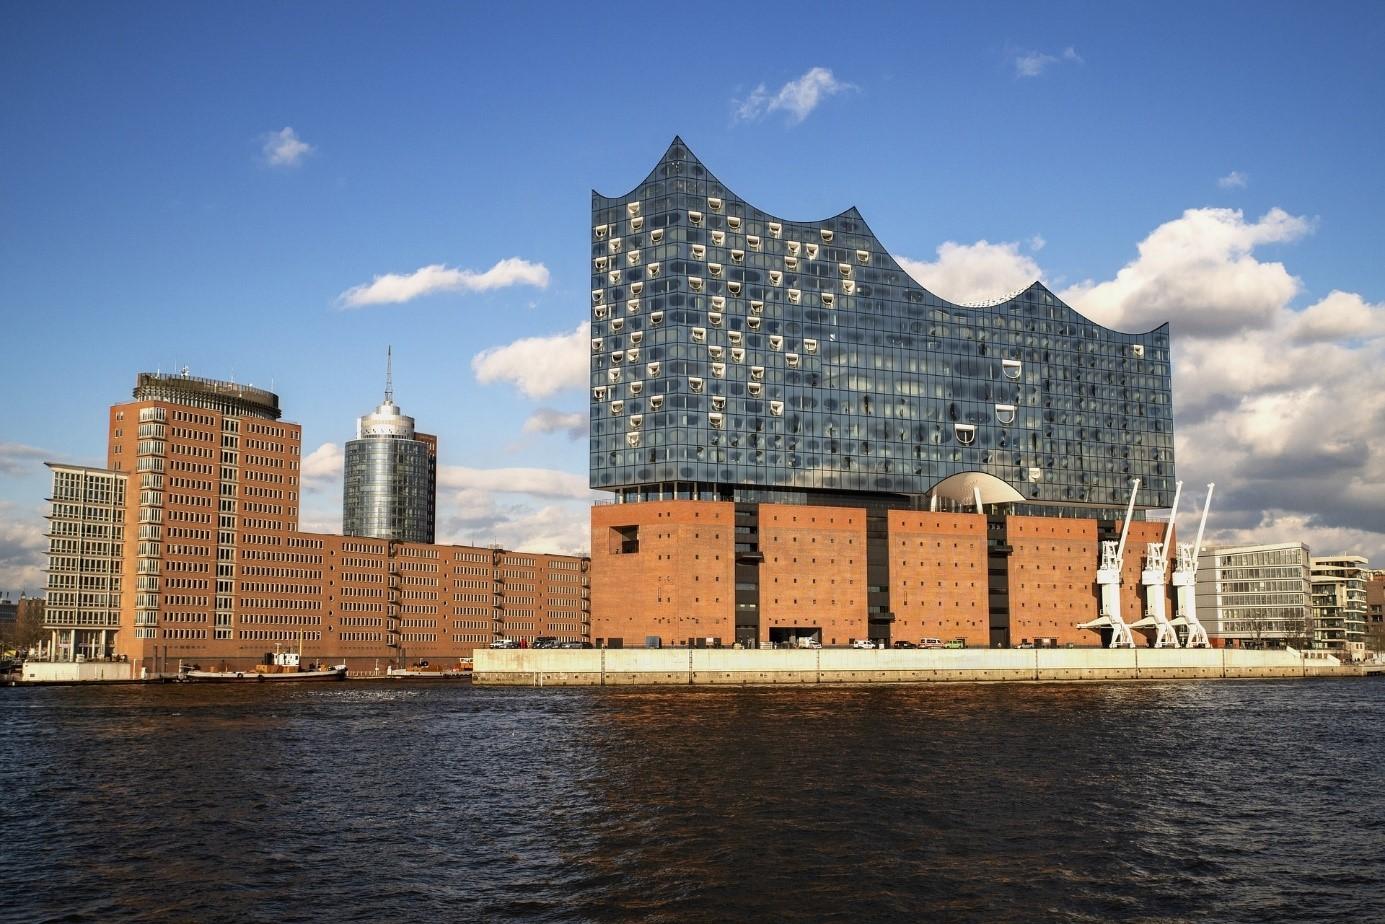 musée maritime international